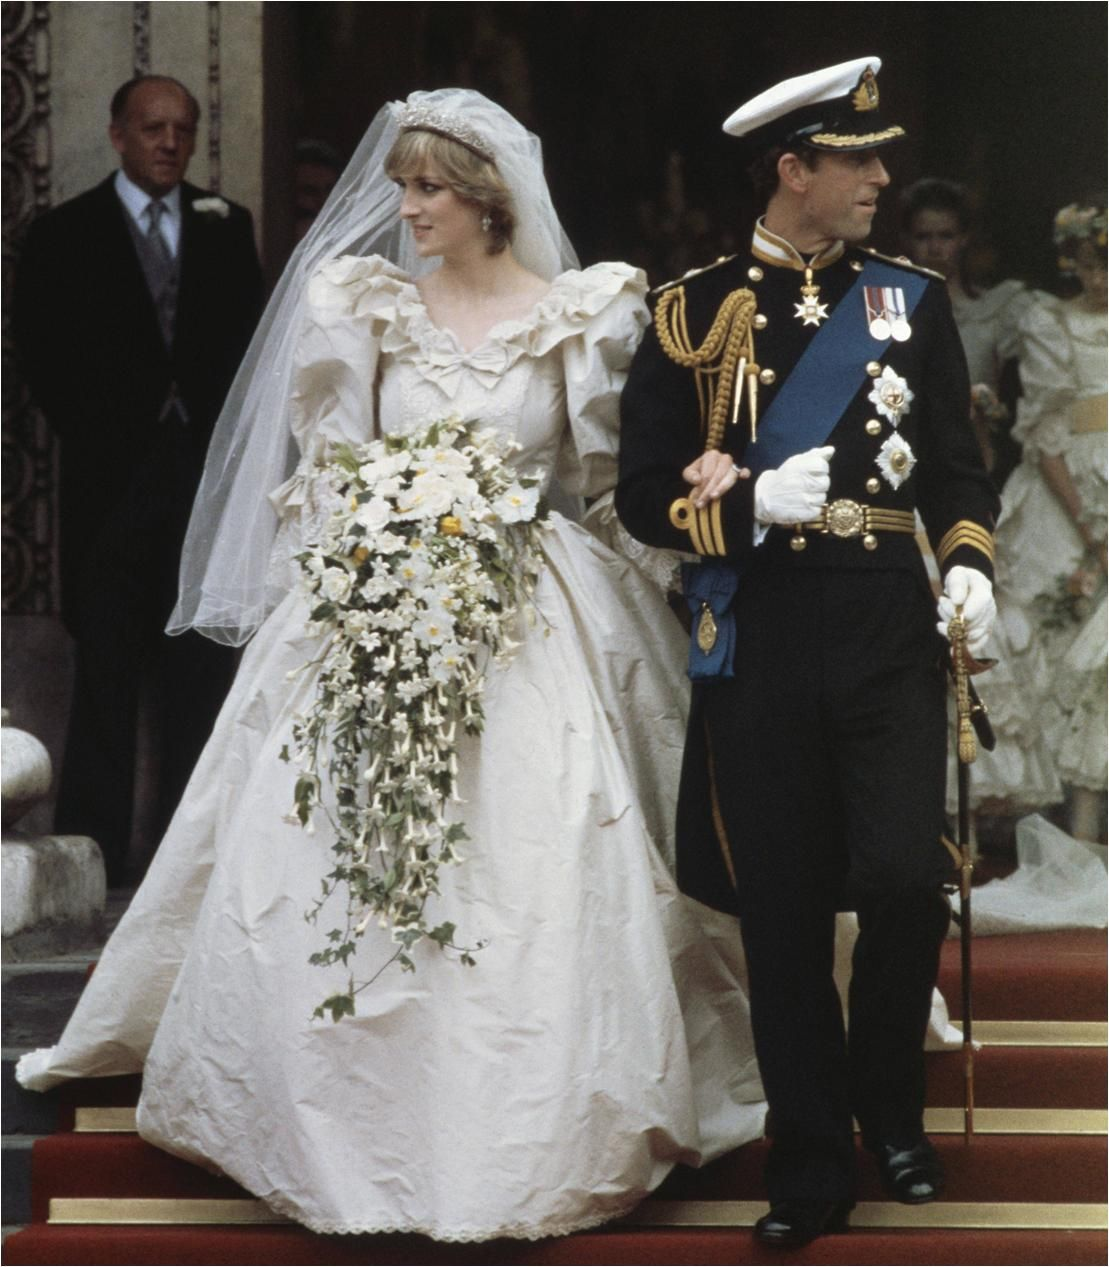 Casamento Charles e Diana